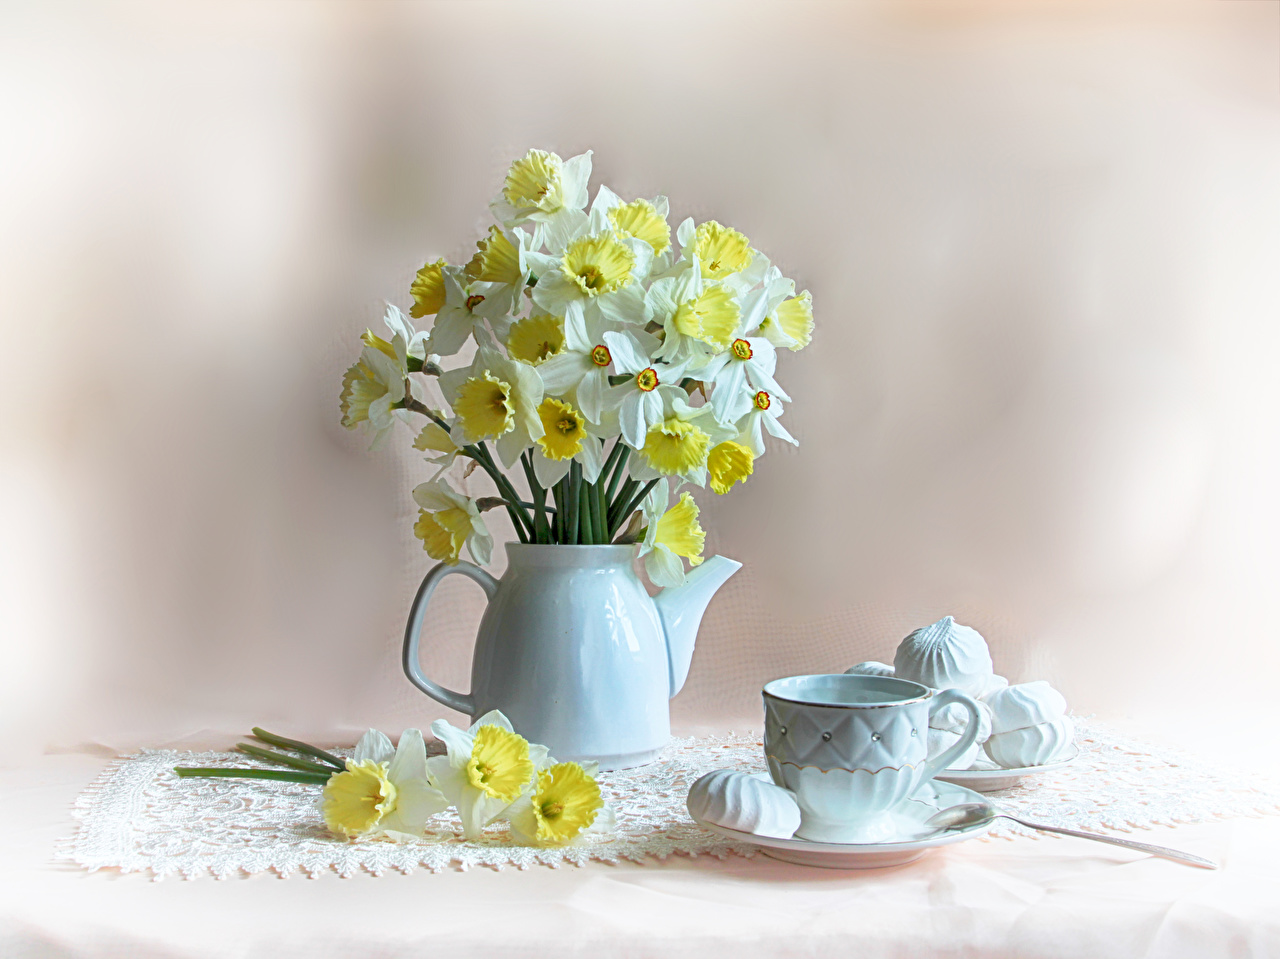 Фотография Зефир Цветы Чайник Нарциссы Еда Чашка Натюрморт цветок Пища чашке Продукты питания